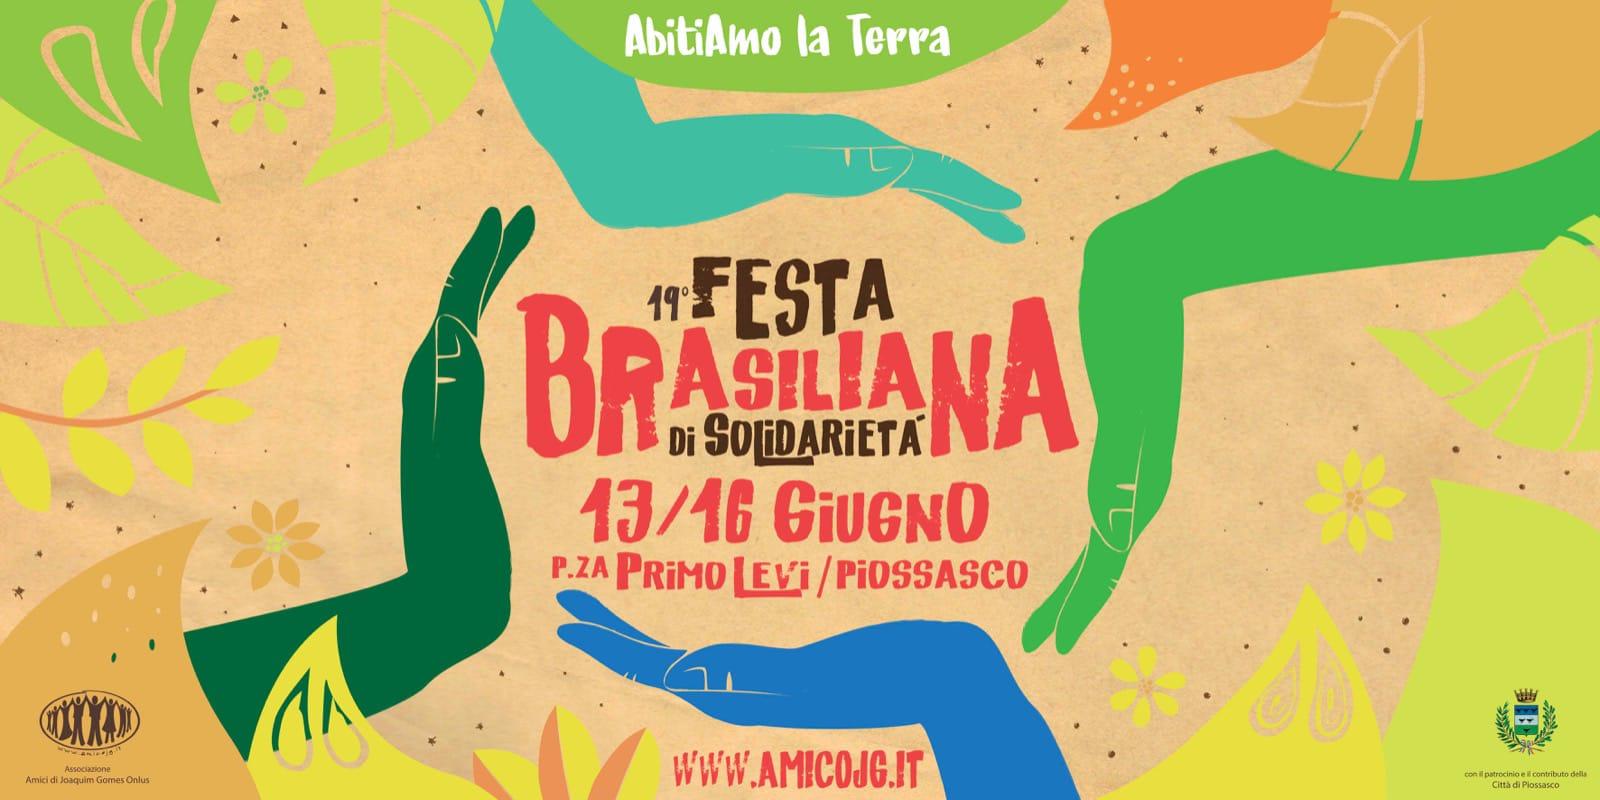 AbitiAmo la Terra – Festa Brasiliana 2019